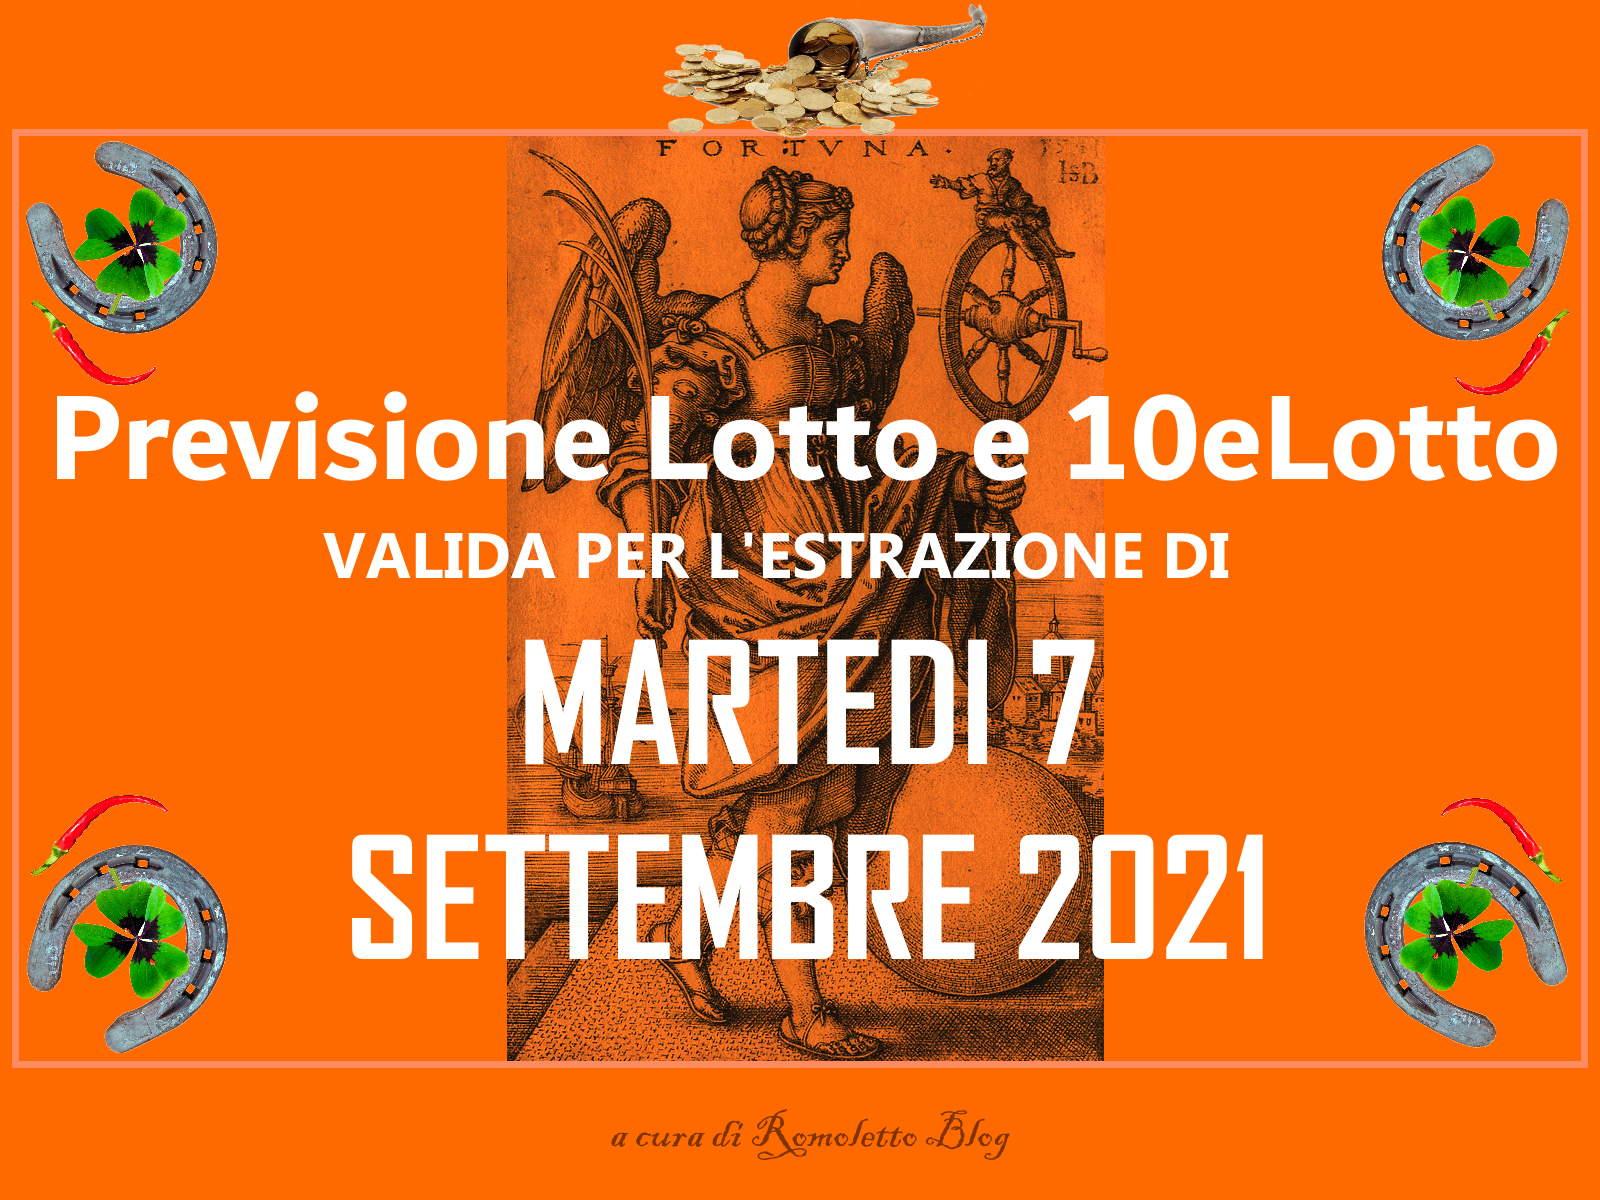 Previsione Lotto 7 Settembre 2021